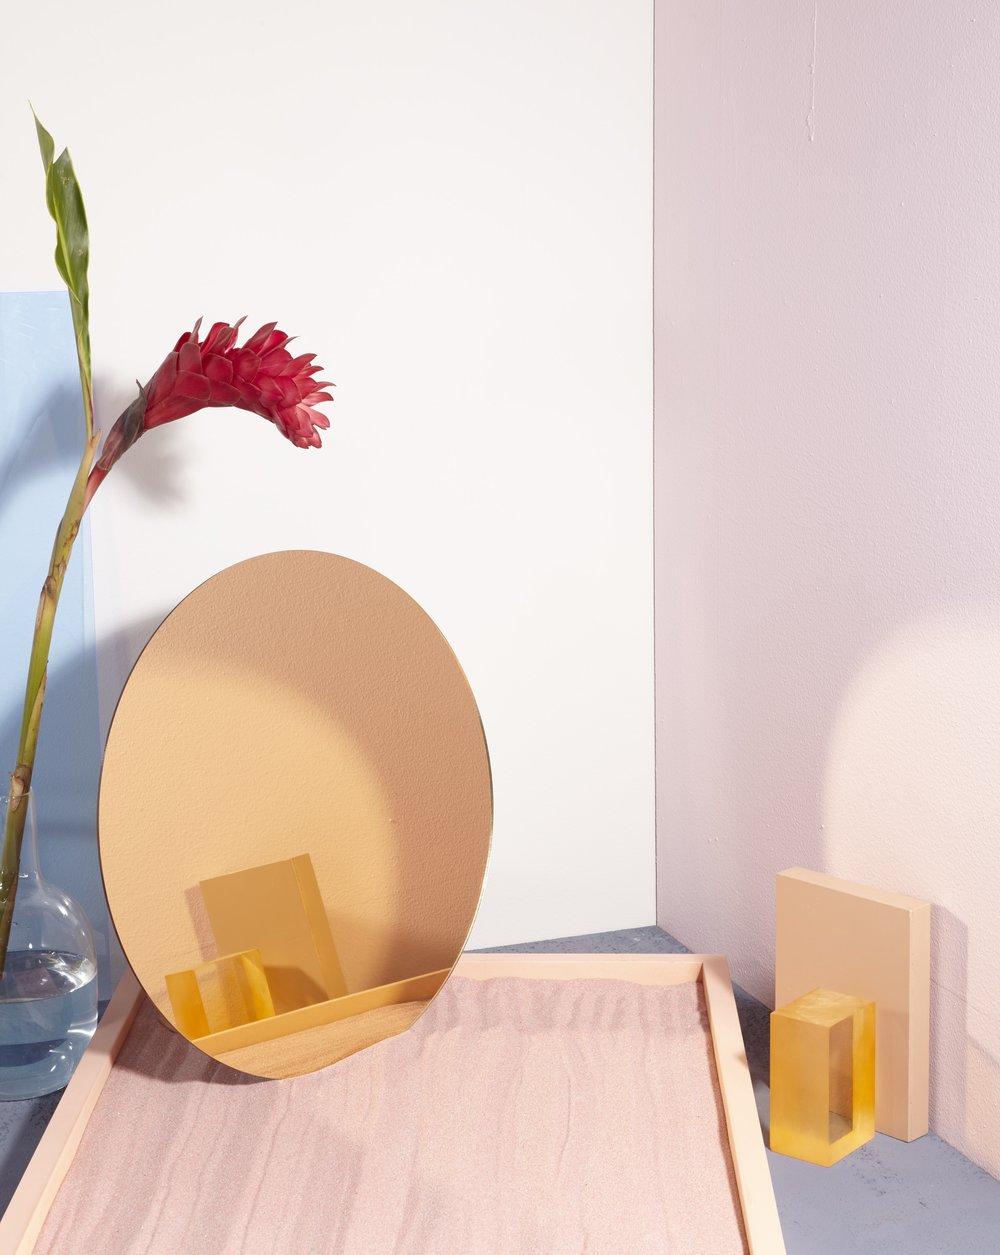 ecom-features-mirror-reflection-v1-edm-fa17-0455.jpg